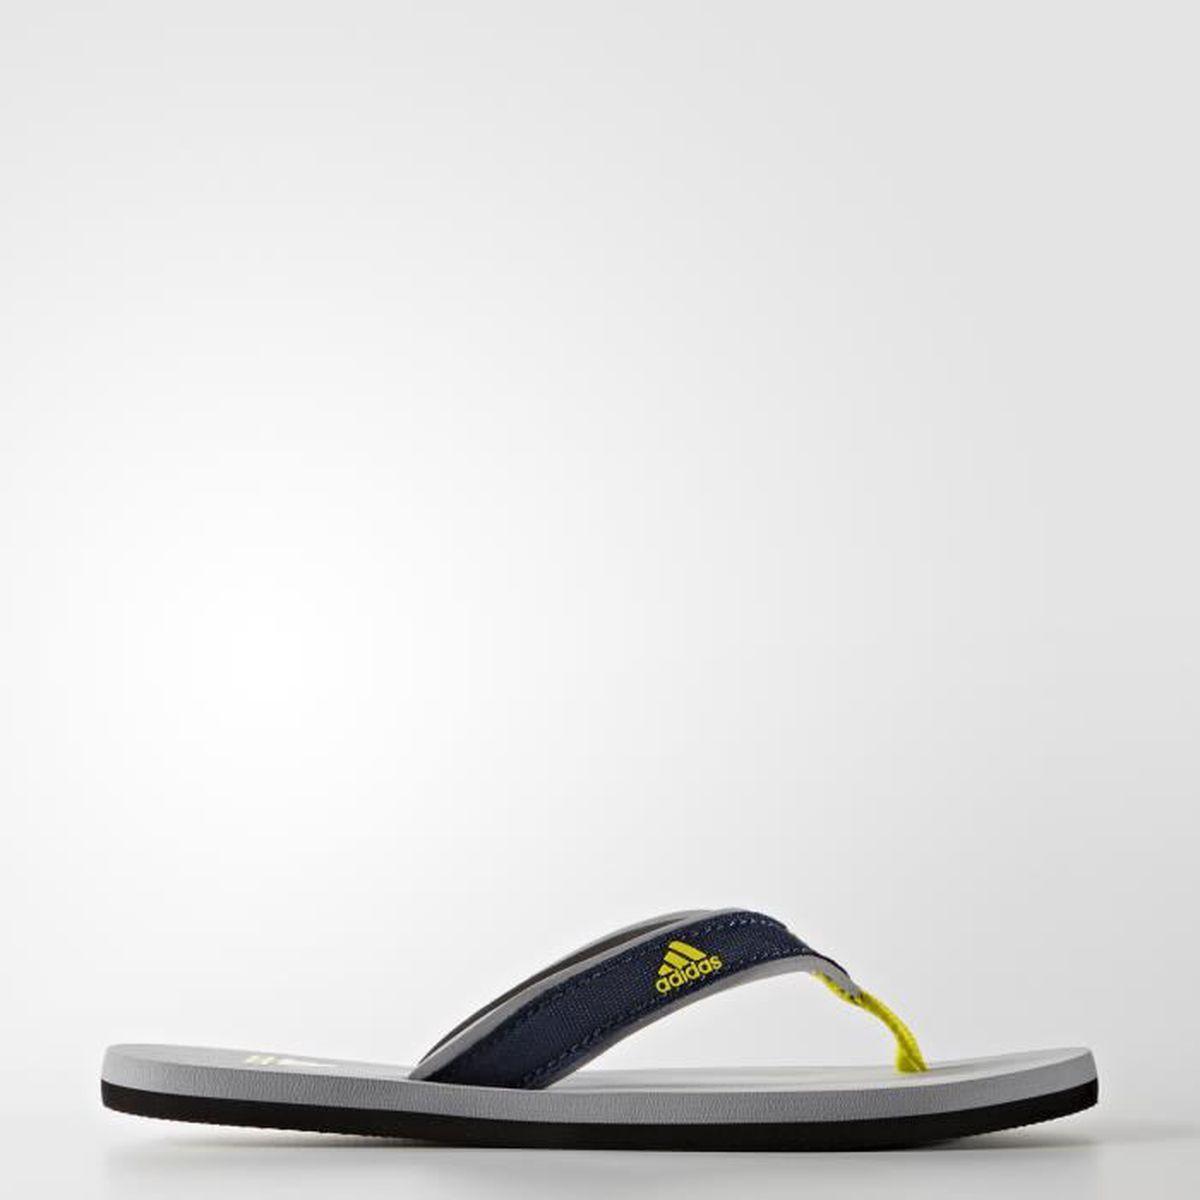 buy online 1f1cd 835a7 BALLON DE WATER-POLO Tongs junior adidas Beach - grisbleu marinejaune